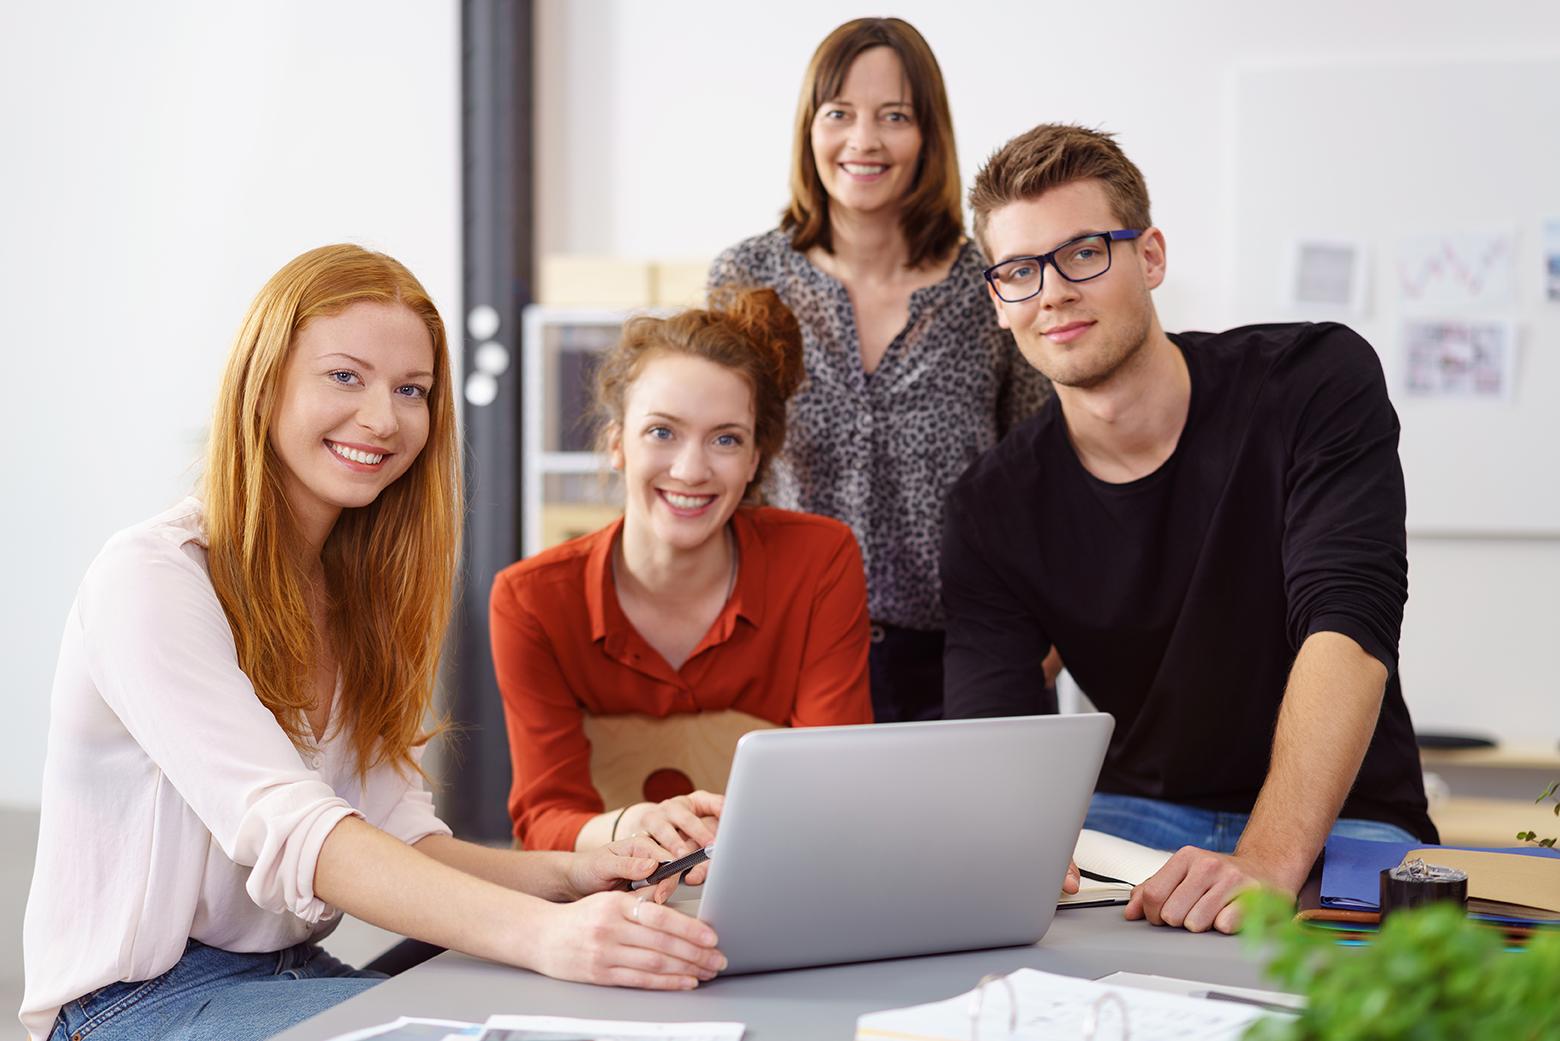 Avoin ammattiopisto -tyyppinen koulutus